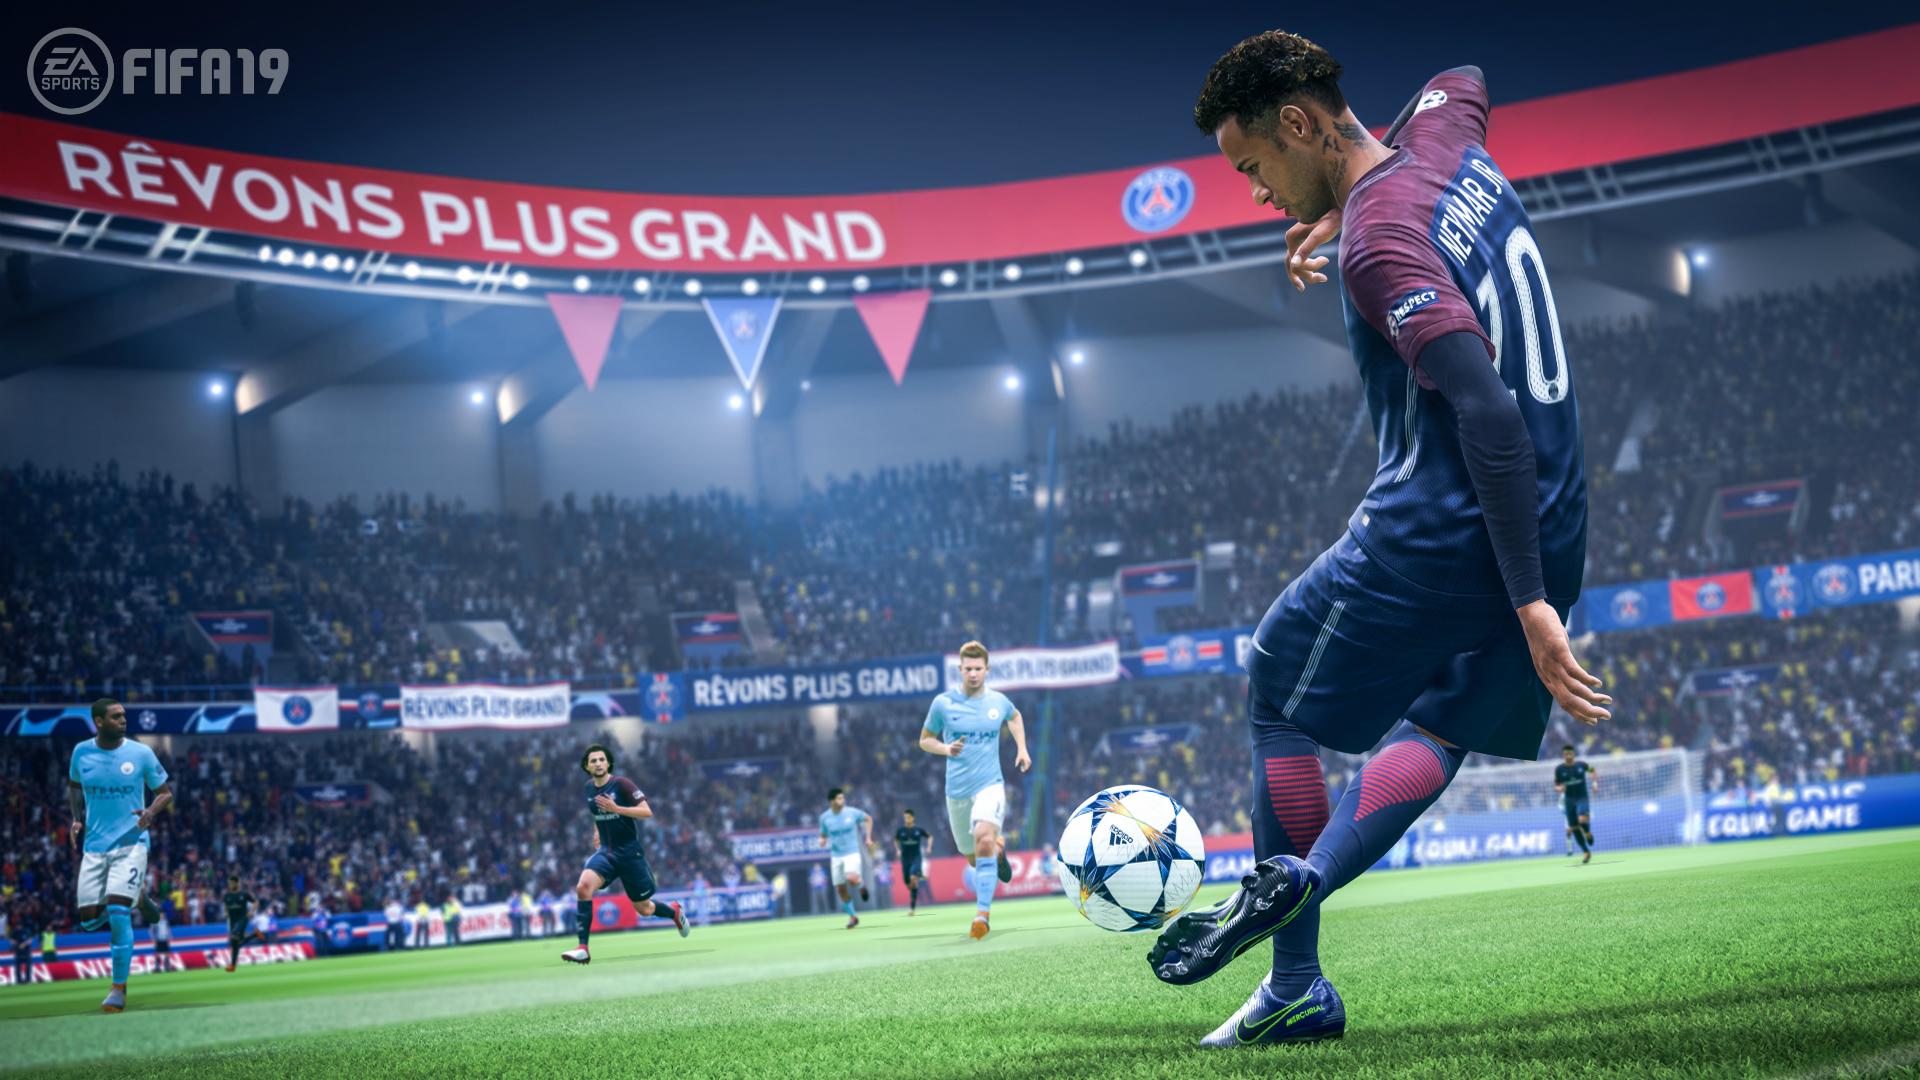 FIFA 19 annonce deux nouveaux mode de jeu !! Survie et sans arbitre !!